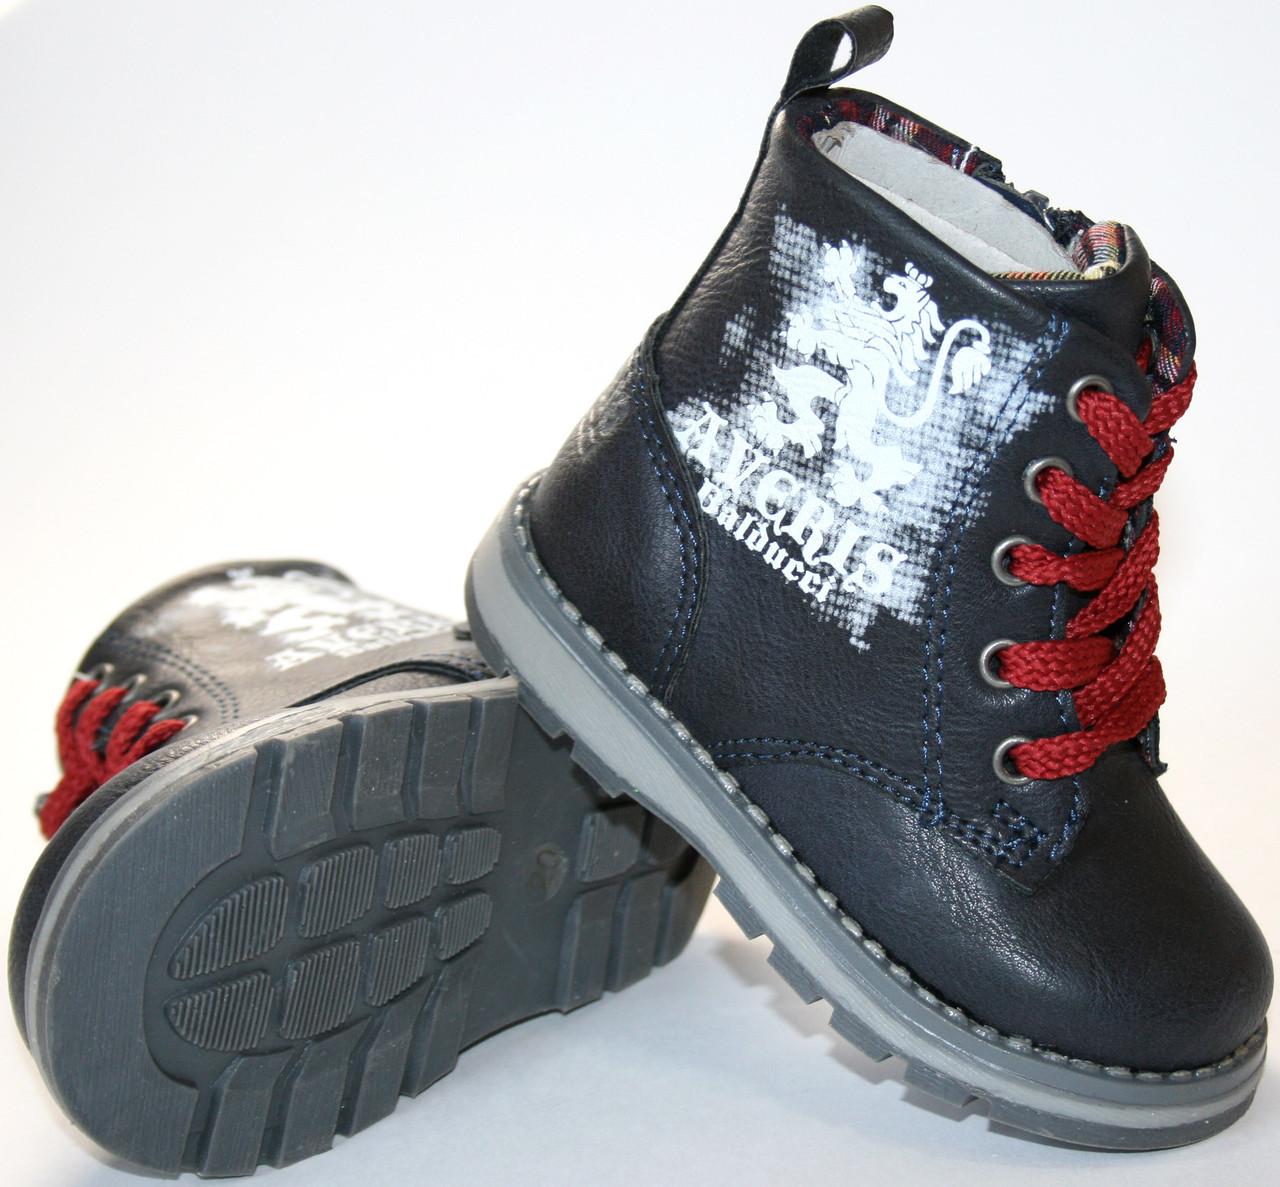 Дитячі брендові черевички від ТМ Balducci 20-30